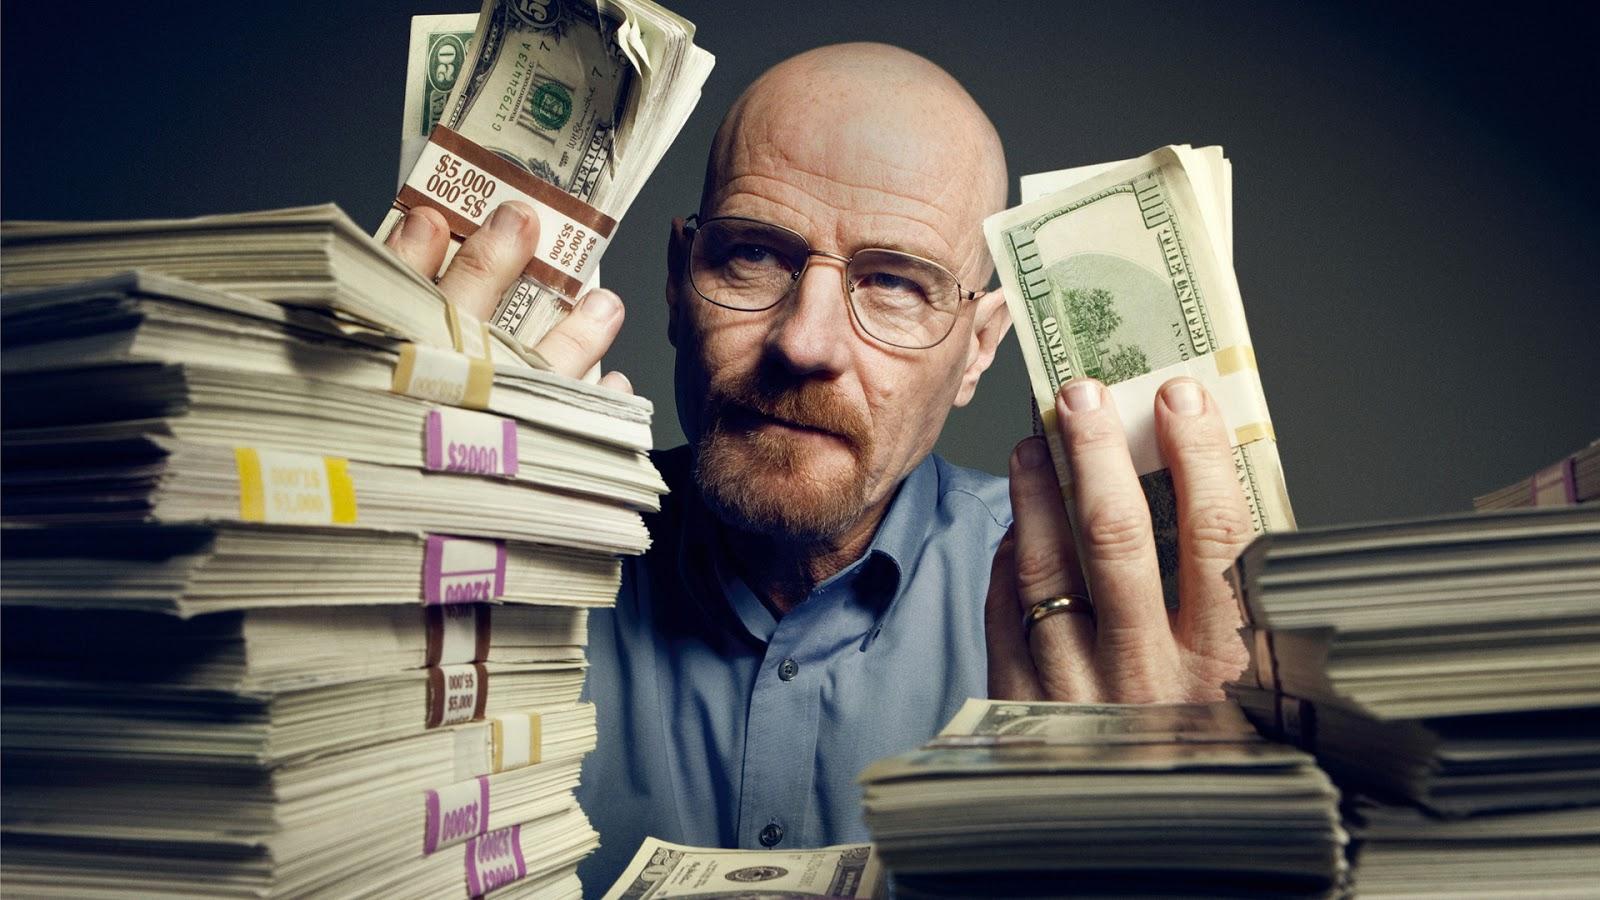 معرفة الأرباح التي يجنيها المشاهير والفاشينستات على وسائل التواصل الإجتماعي